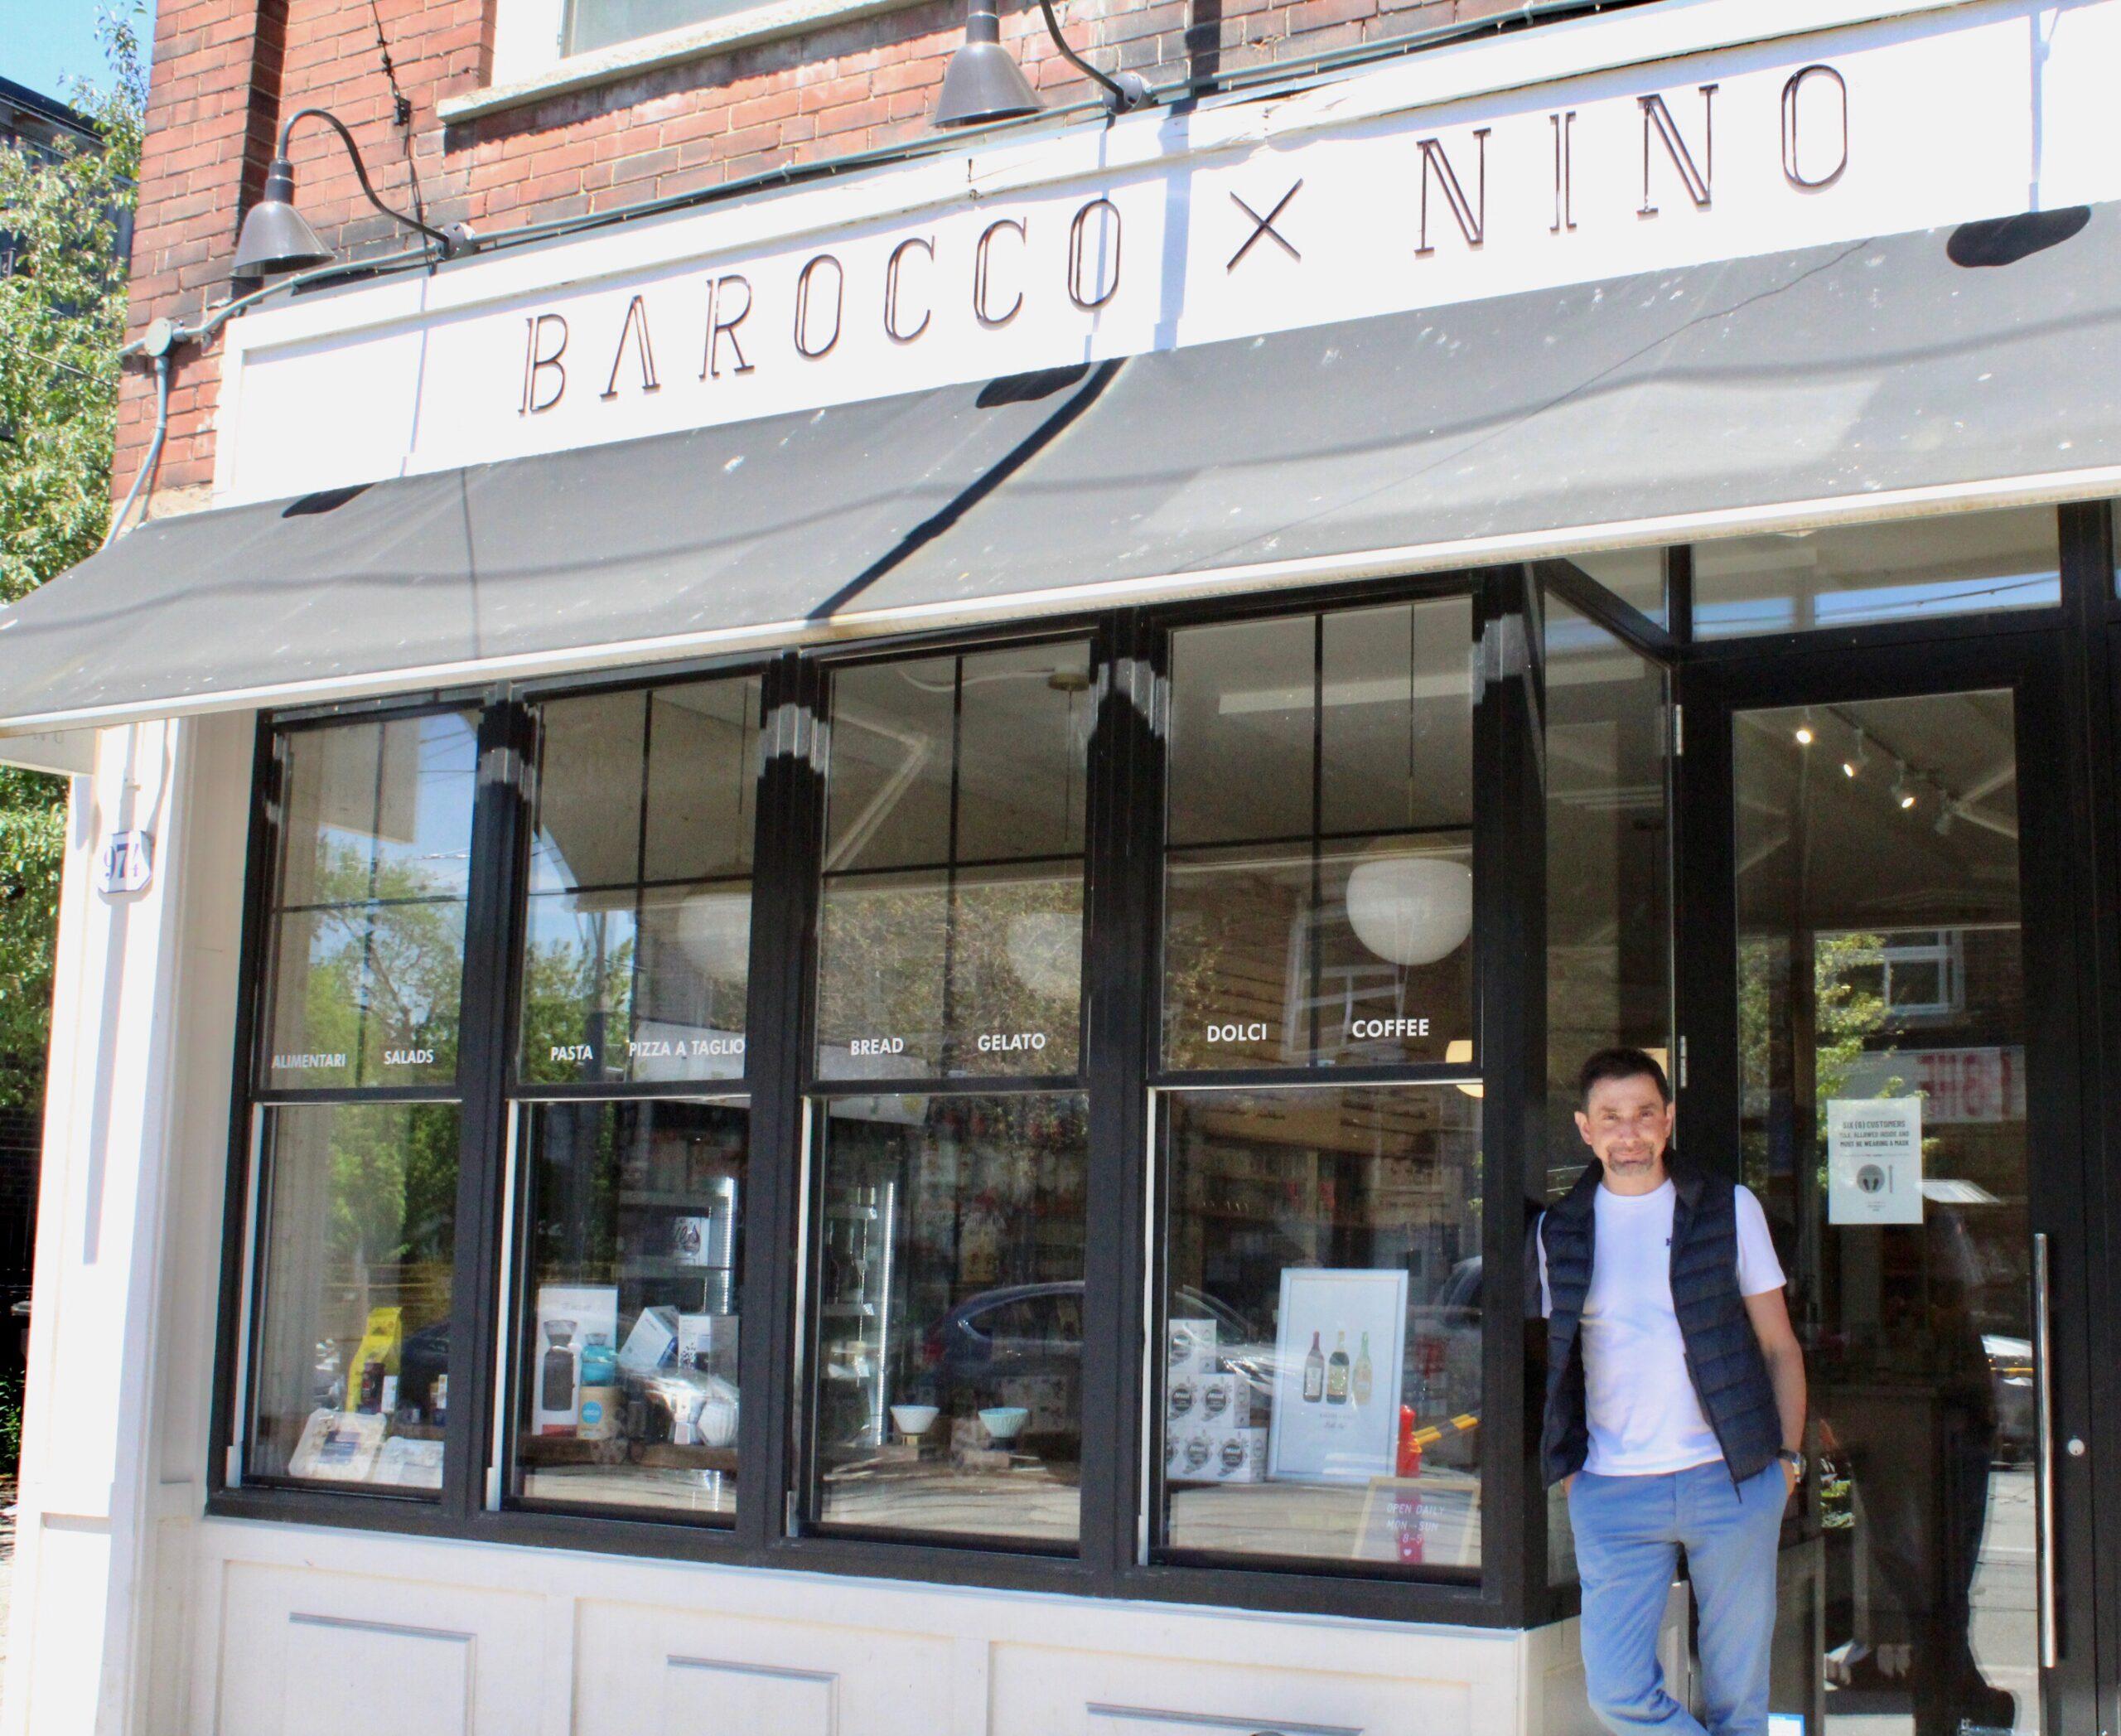 Barocco X Nino owner Bruno Colozza